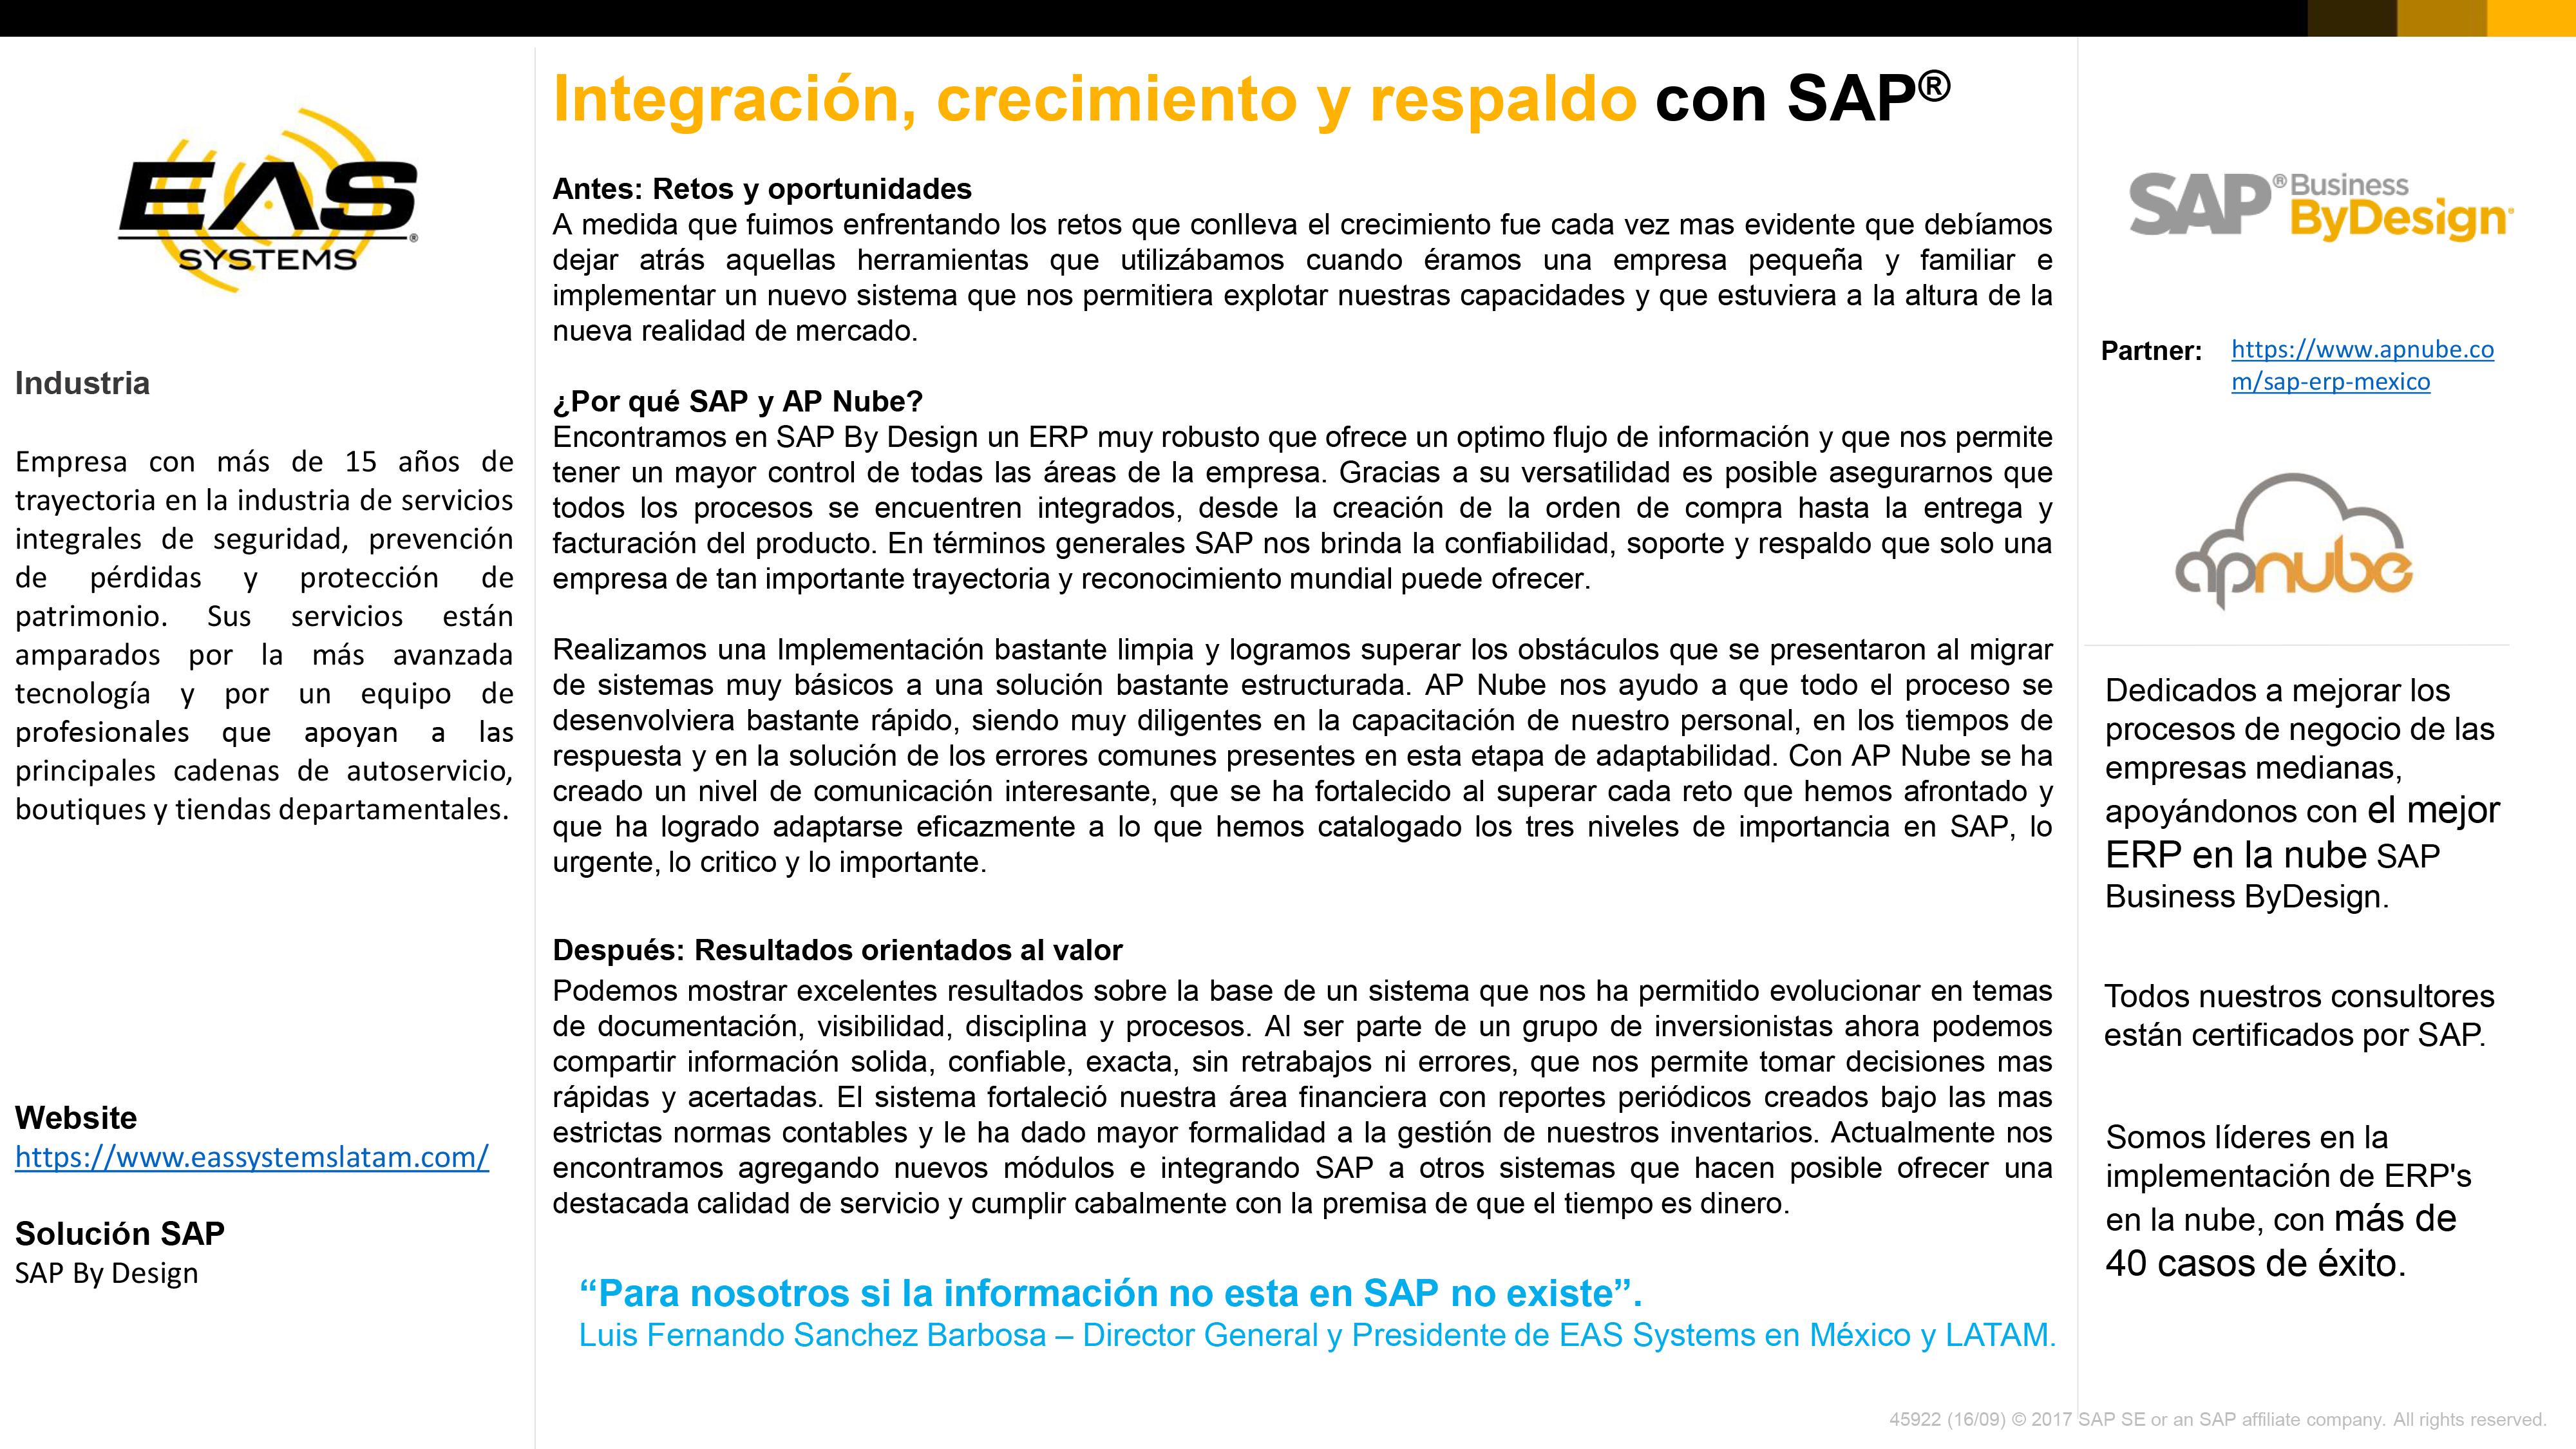 Caso de Exito EAS Systems - AP Nube